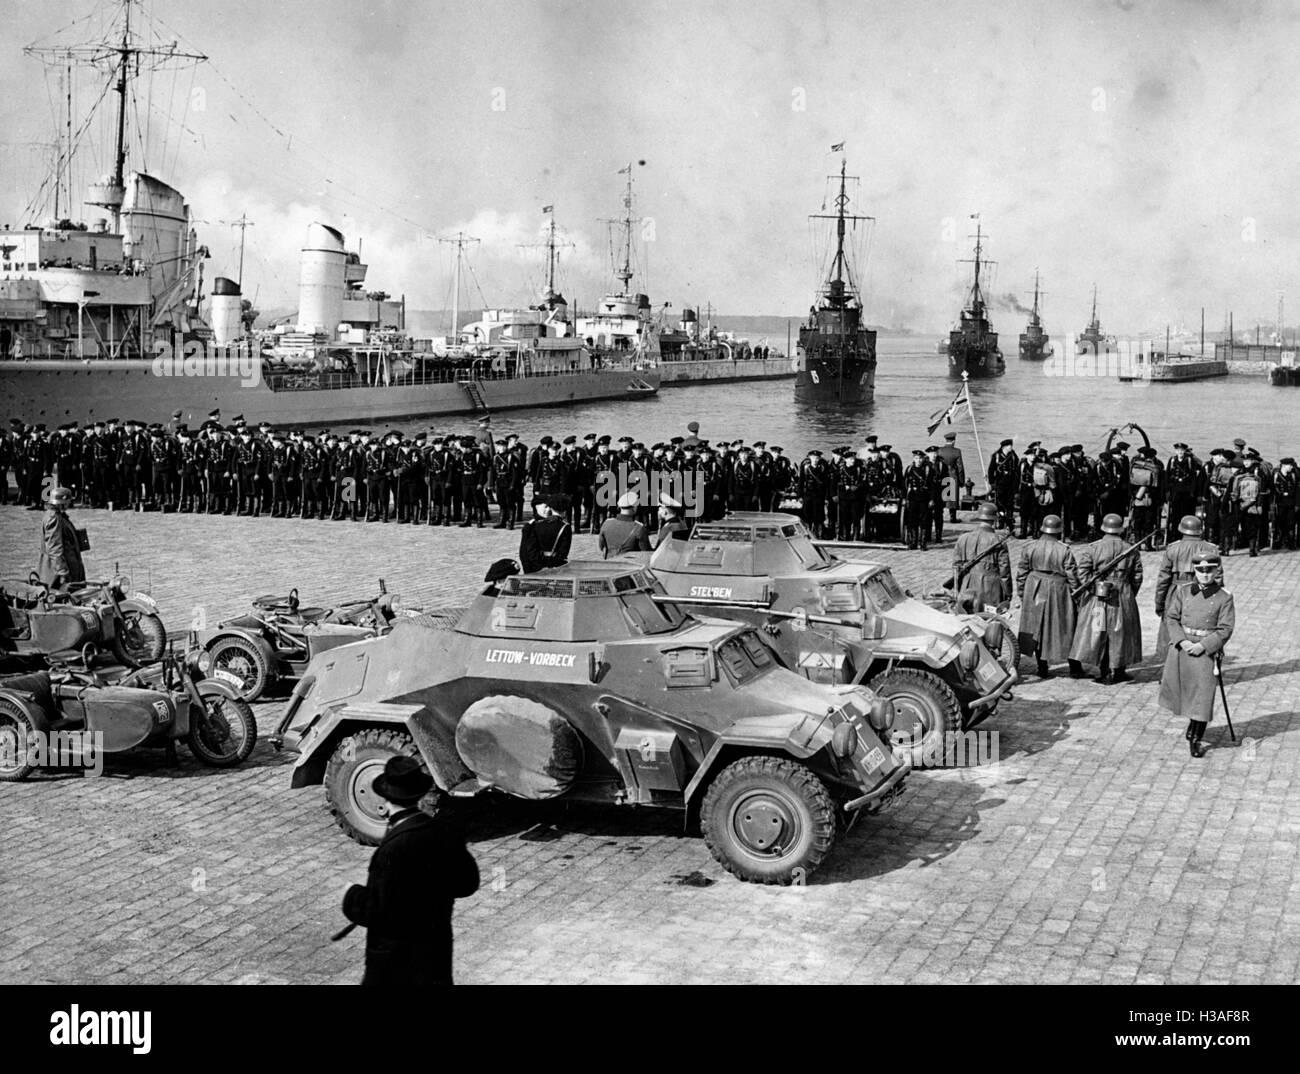 German troops marching in the Klaipeda region, 1939 - Stock Image